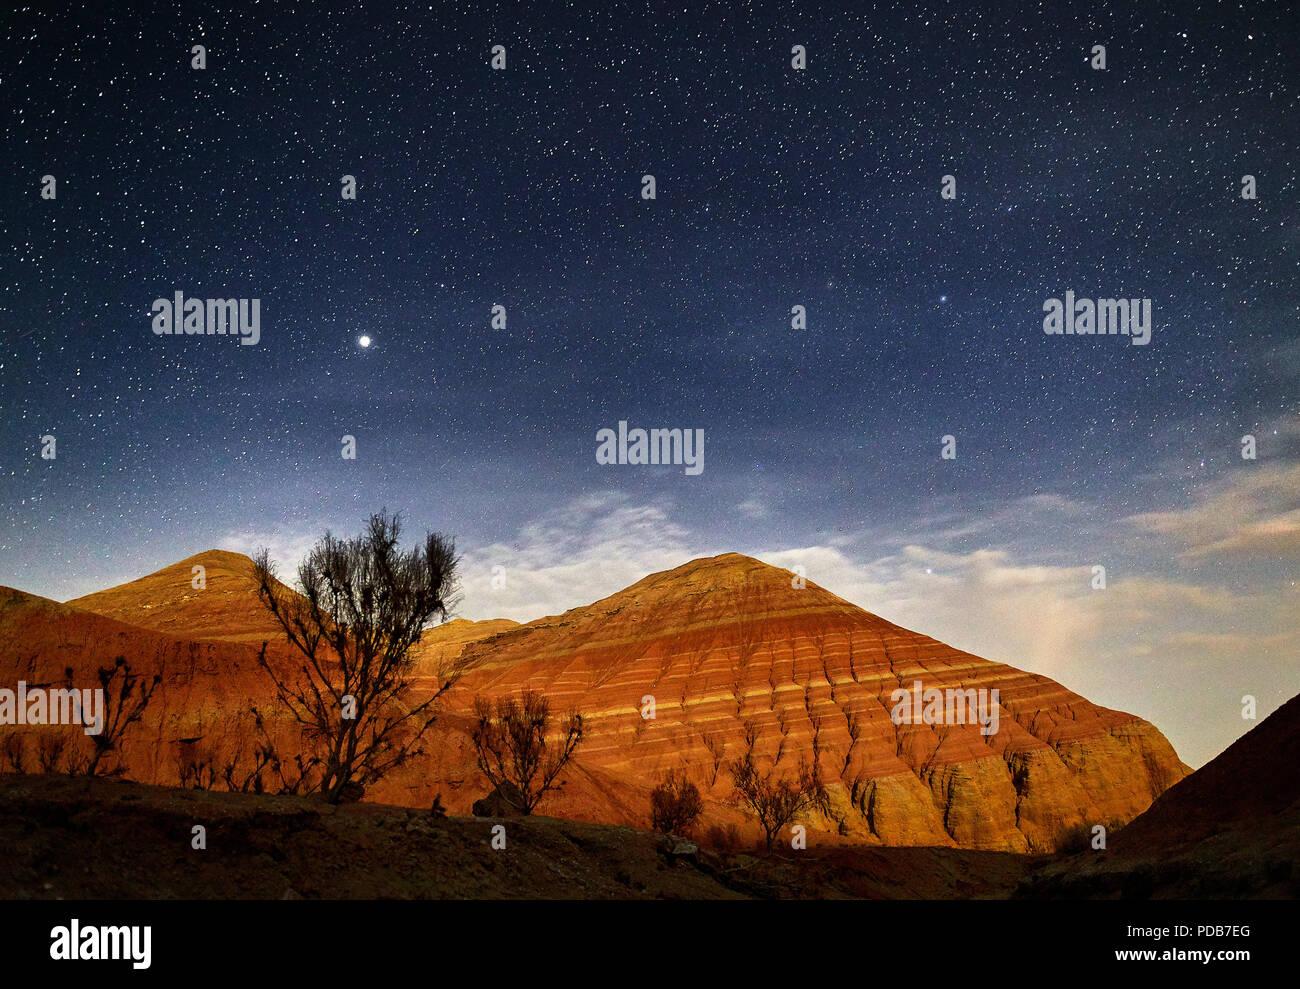 Rote Berge in der Schlucht Wüste bei Nacht Sternenhimmel Hintergrund. Astronomie Fotografie von Raum und Landschaft. Stockbild